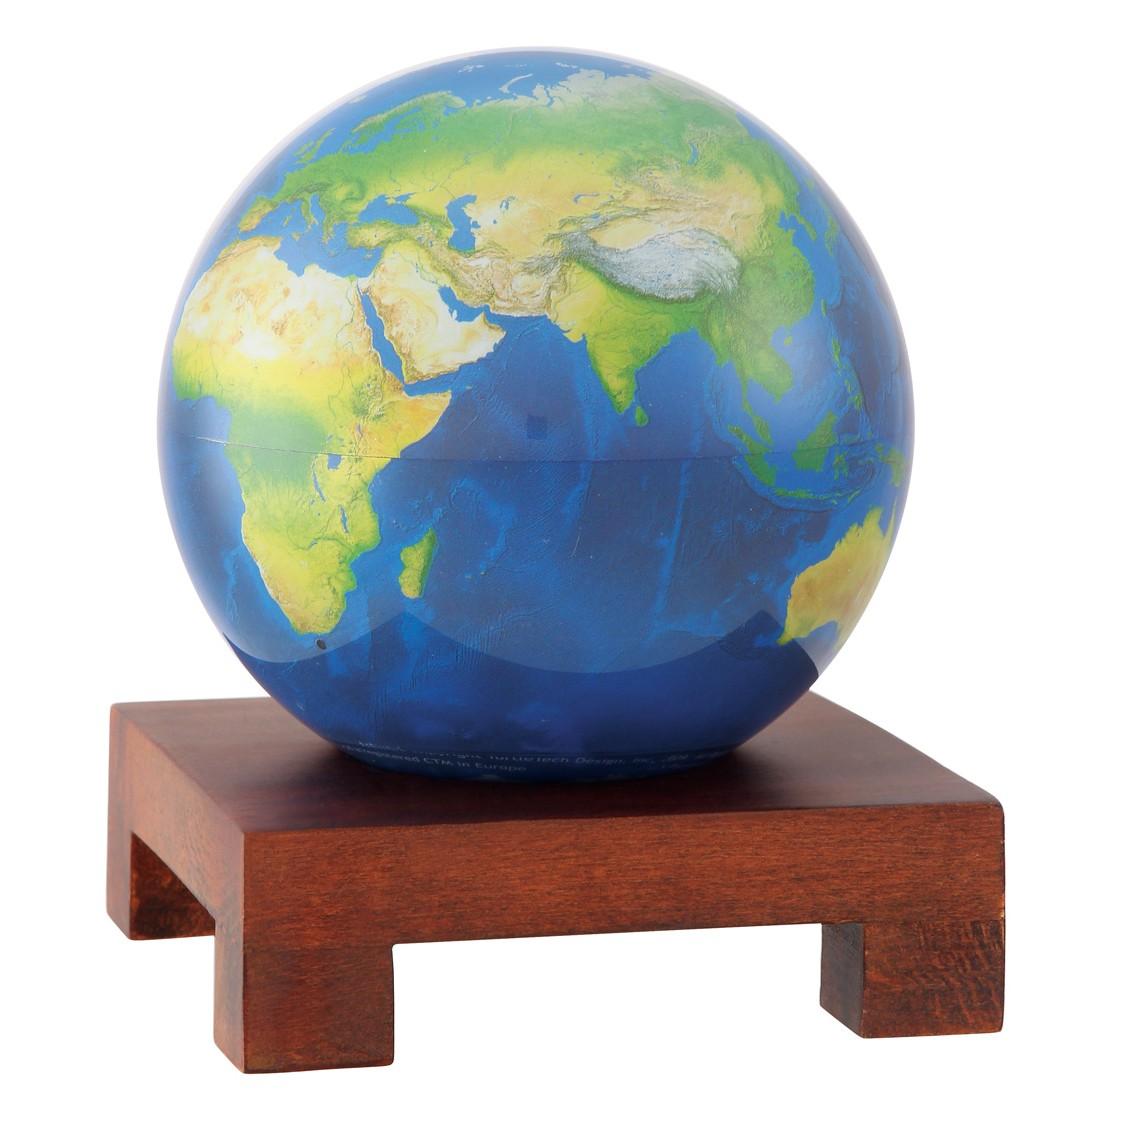 1141x1141 Mova Rotating World Globe Natural Earth 4.5 Inch Free Shipping